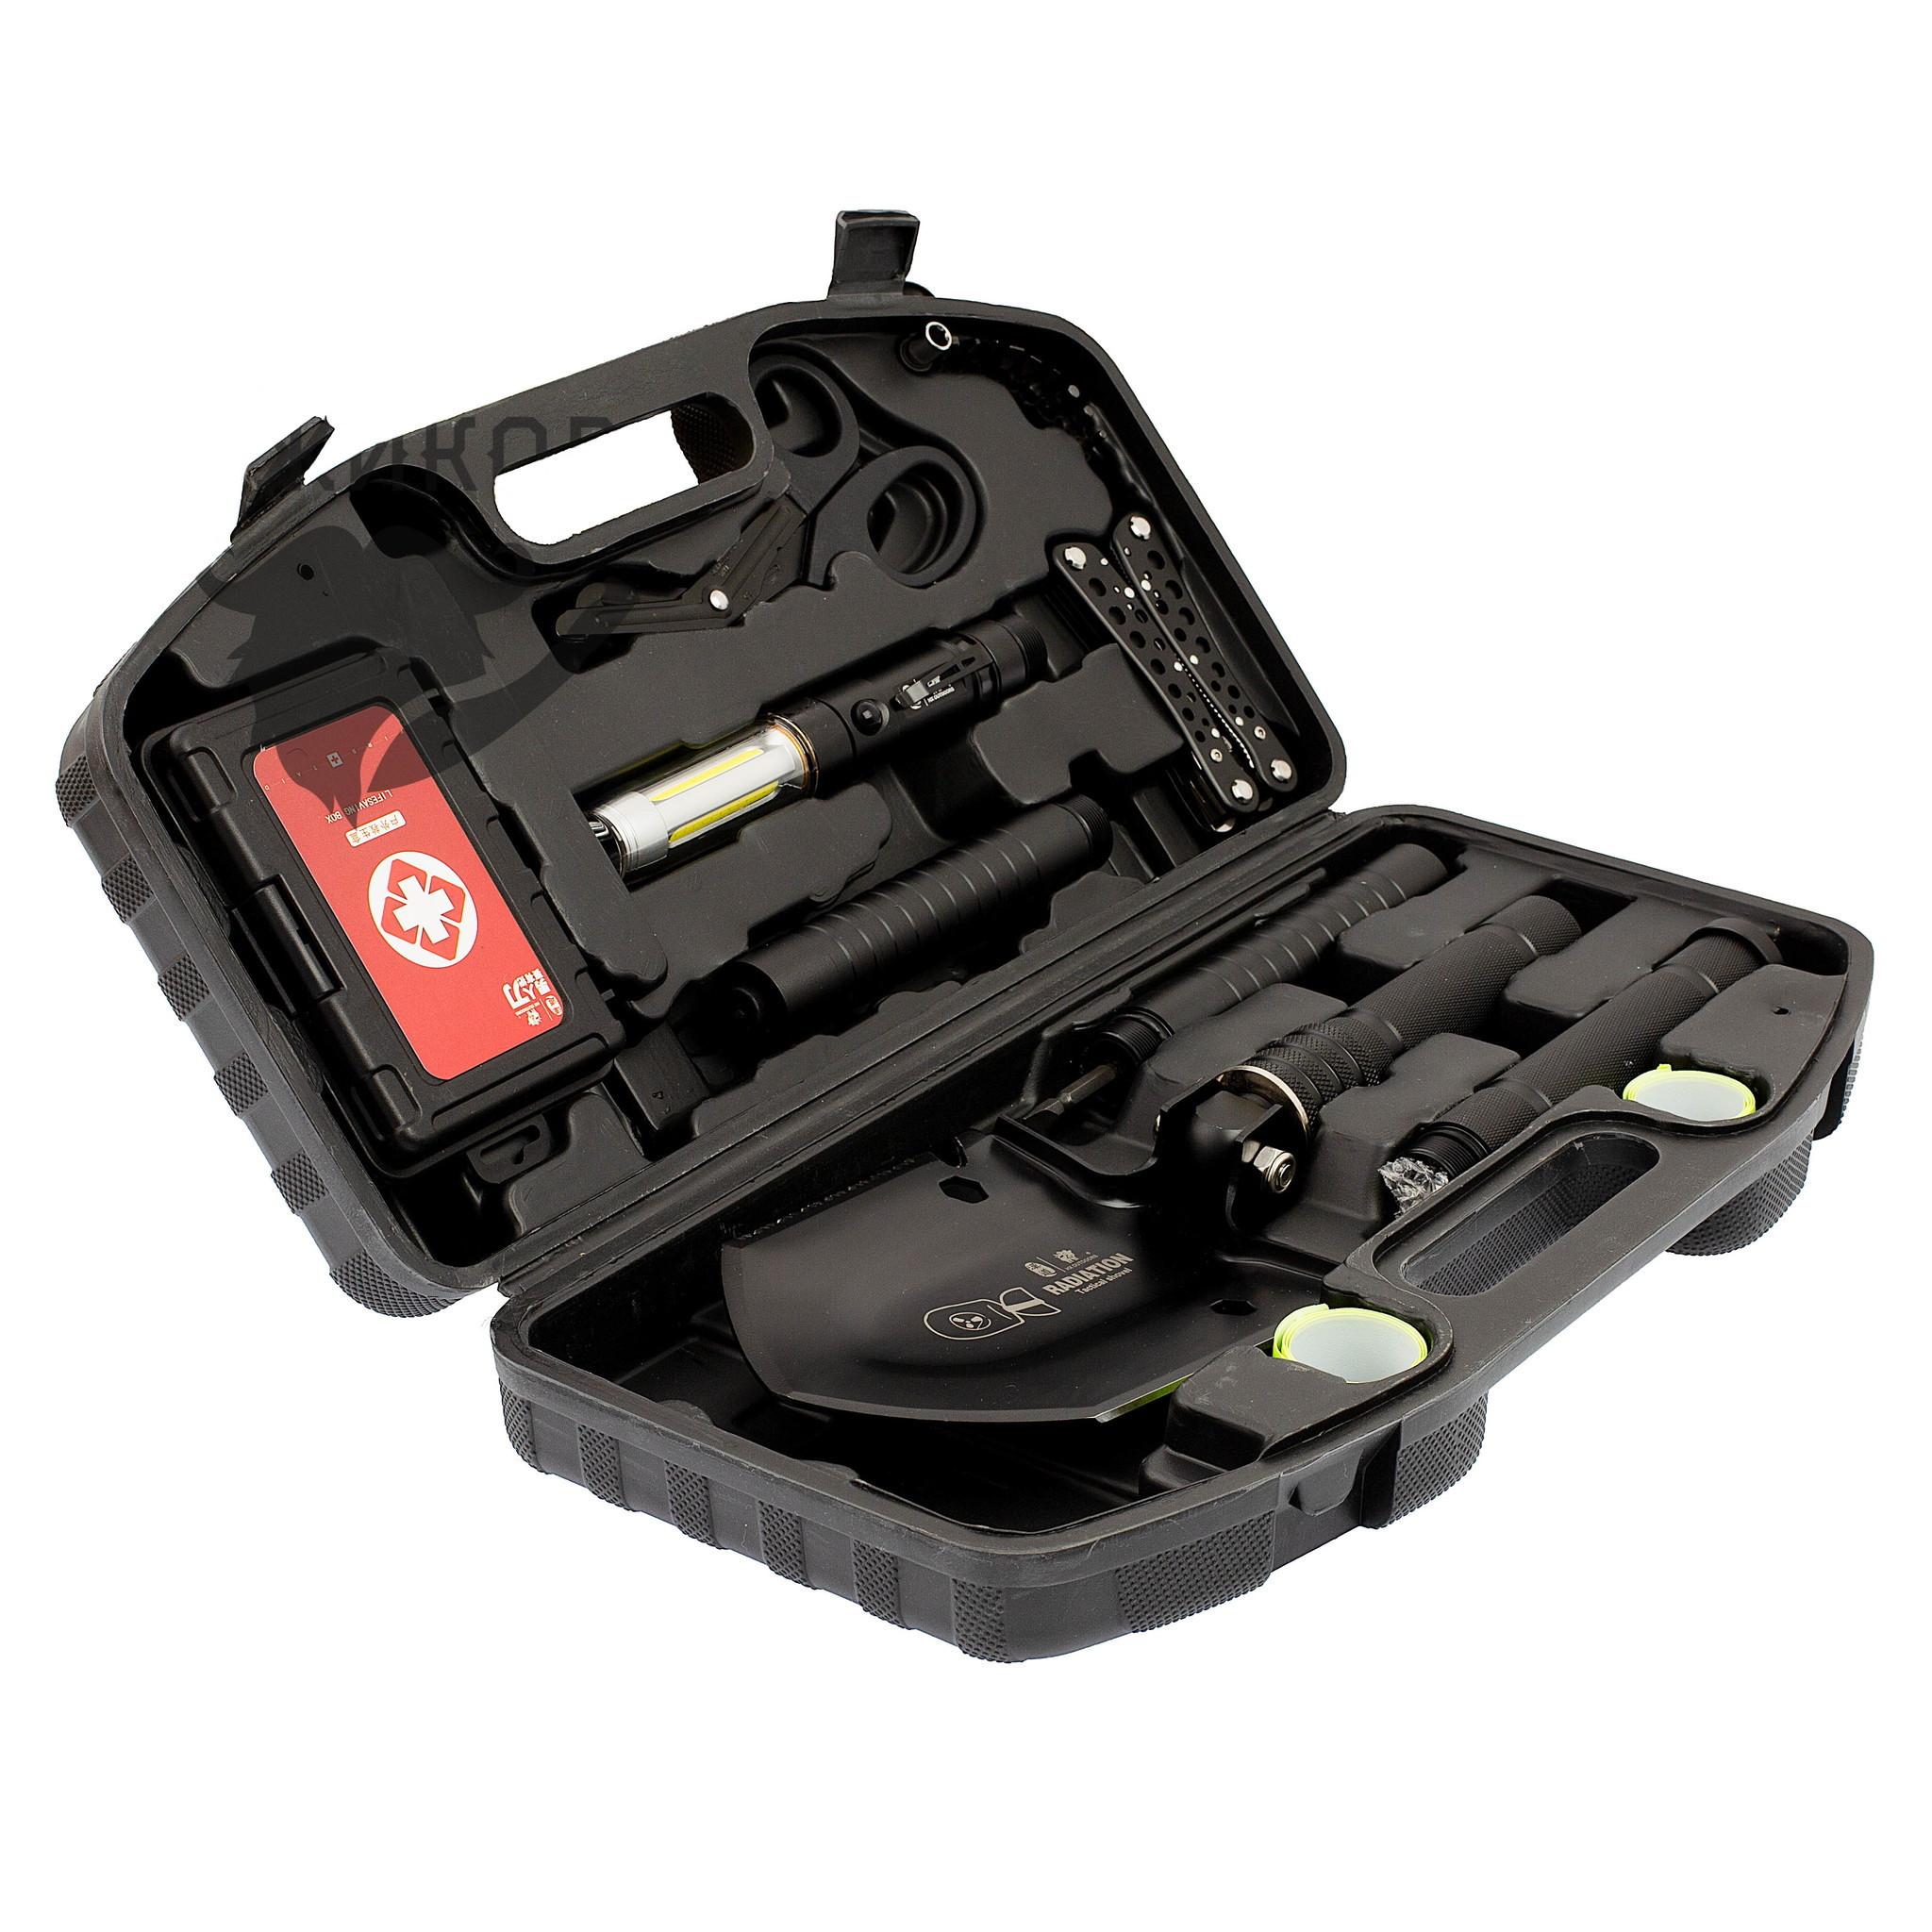 Фото - Автомобильный набор для выживания Emergency 15-в-1 с ножом многофункциональная лопата для выживания 10 в 1